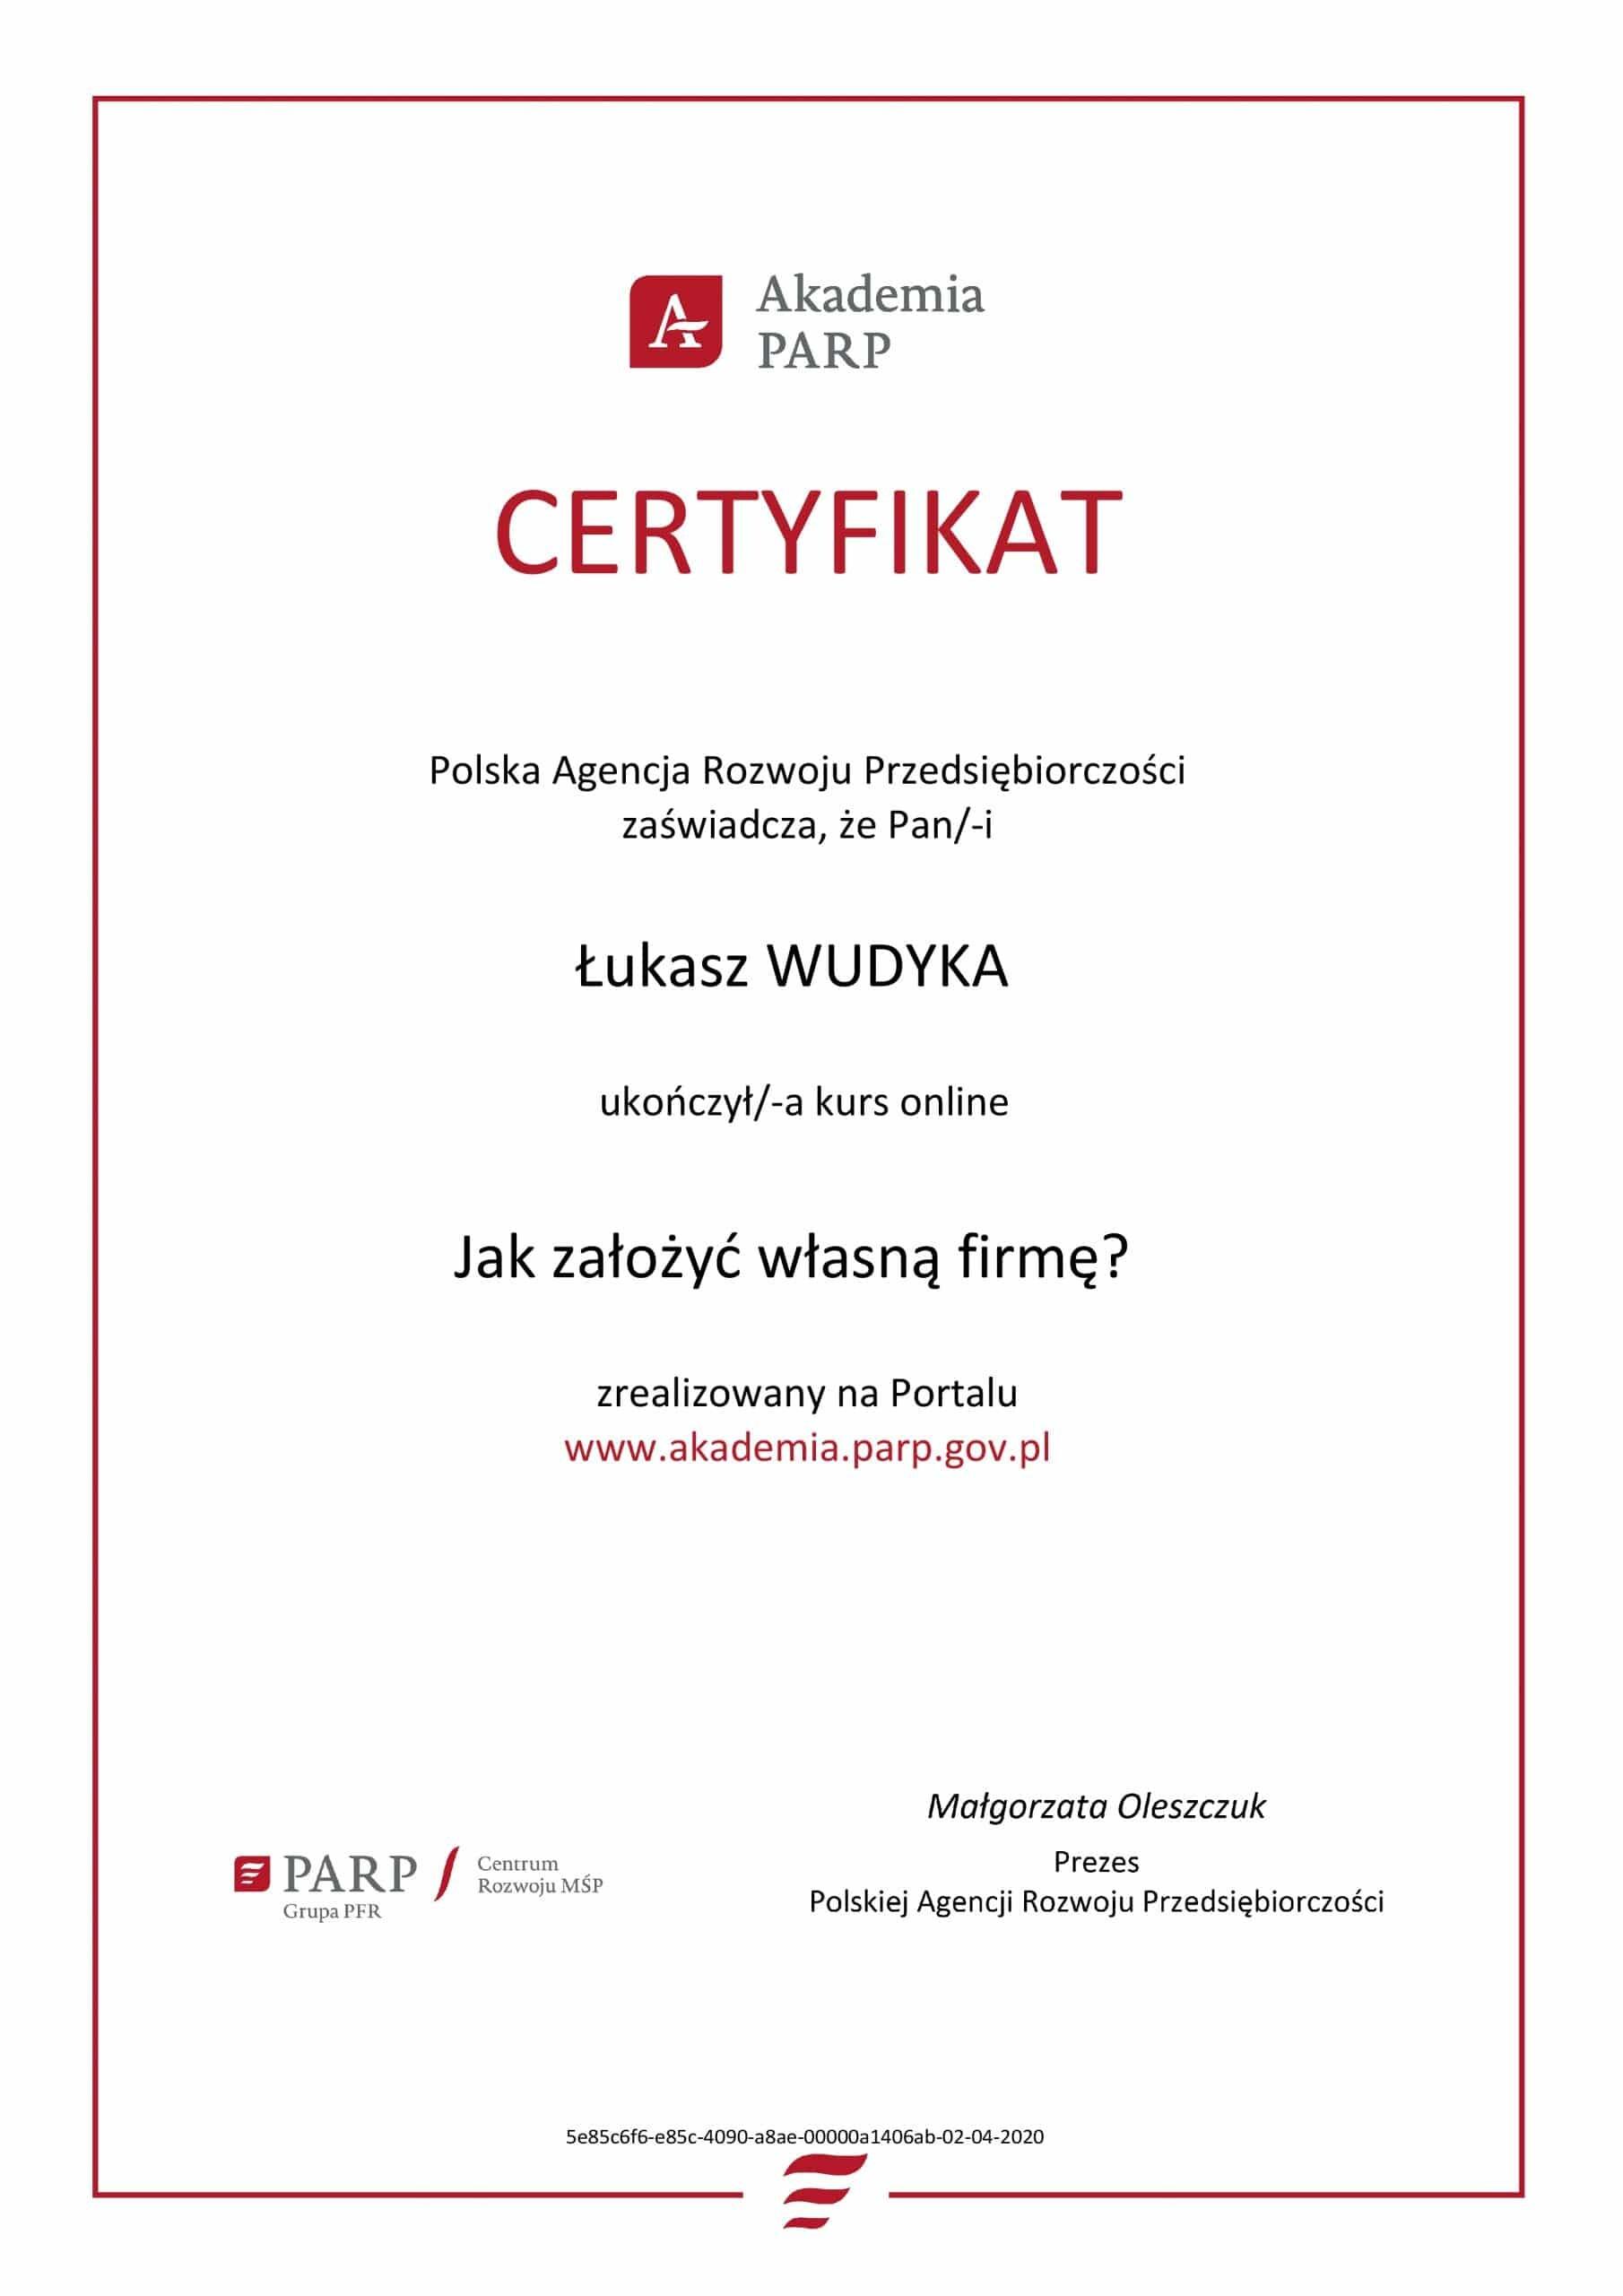 Łukasz Wudyka certyfikat Jak założyć własną firmę? - Akademia PARP